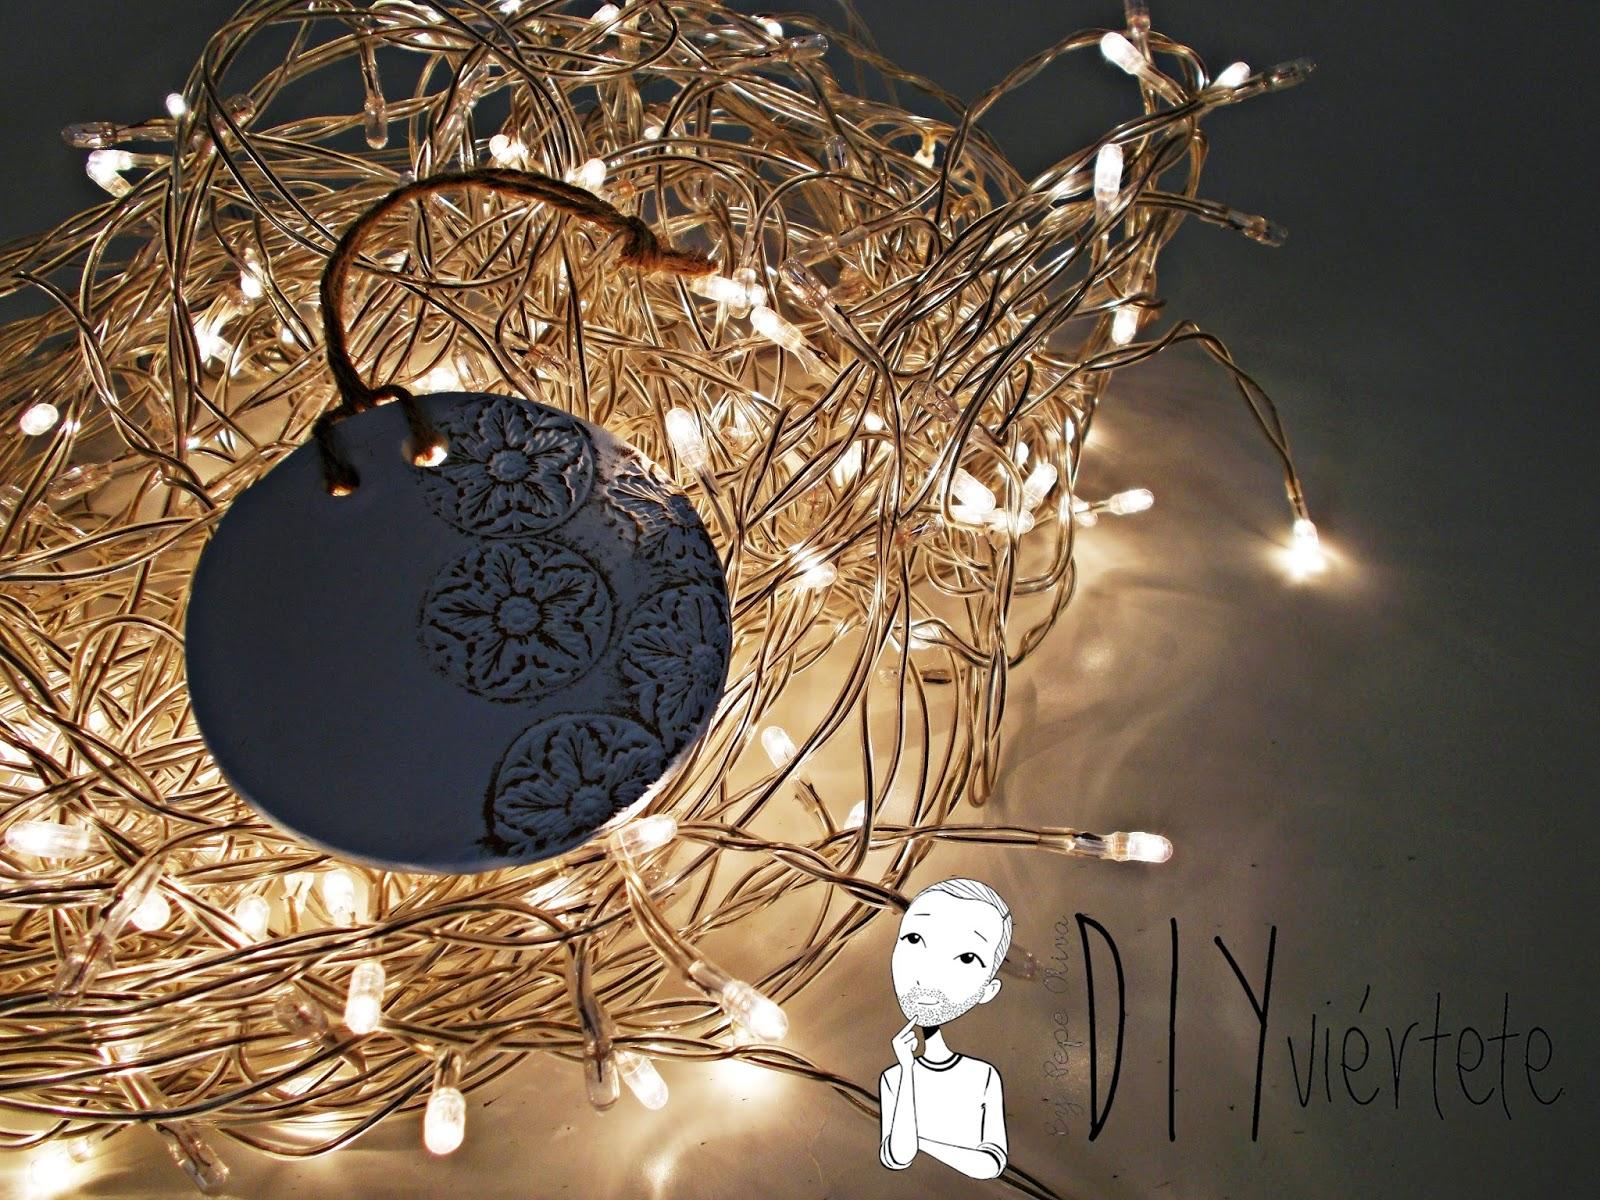 DIY-adorno navideño-ideas decoración-pasta de modelar-porcelana fria-fimo-arcilla polimérica-encaje-dorado-Navidad (2)